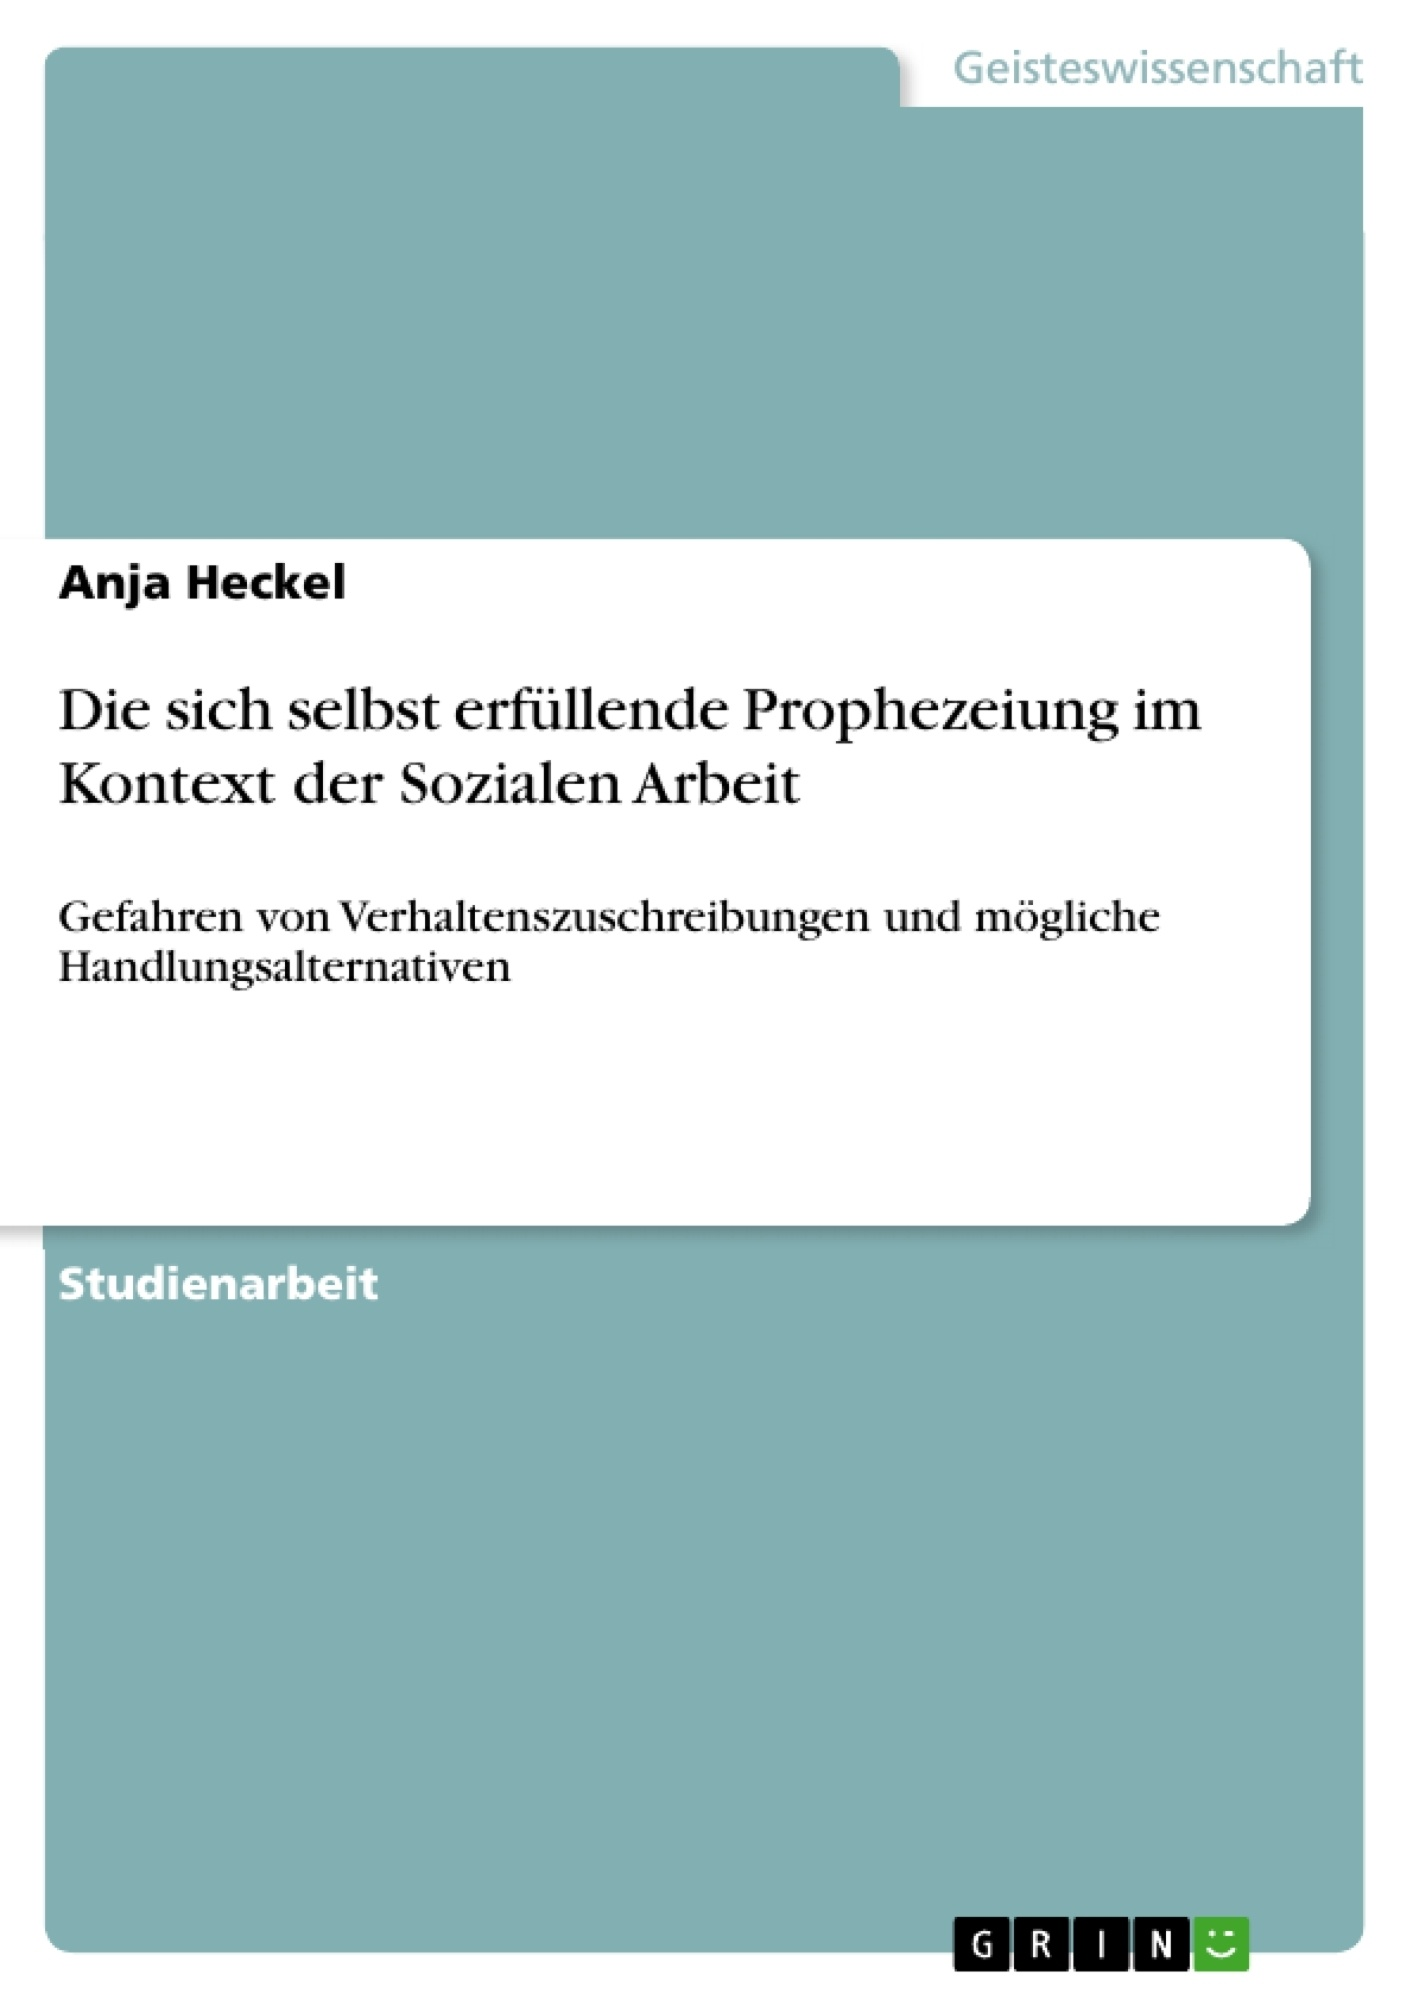 Titel: Die sich selbst erfüllende Prophezeiung im Kontext der Sozialen Arbeit